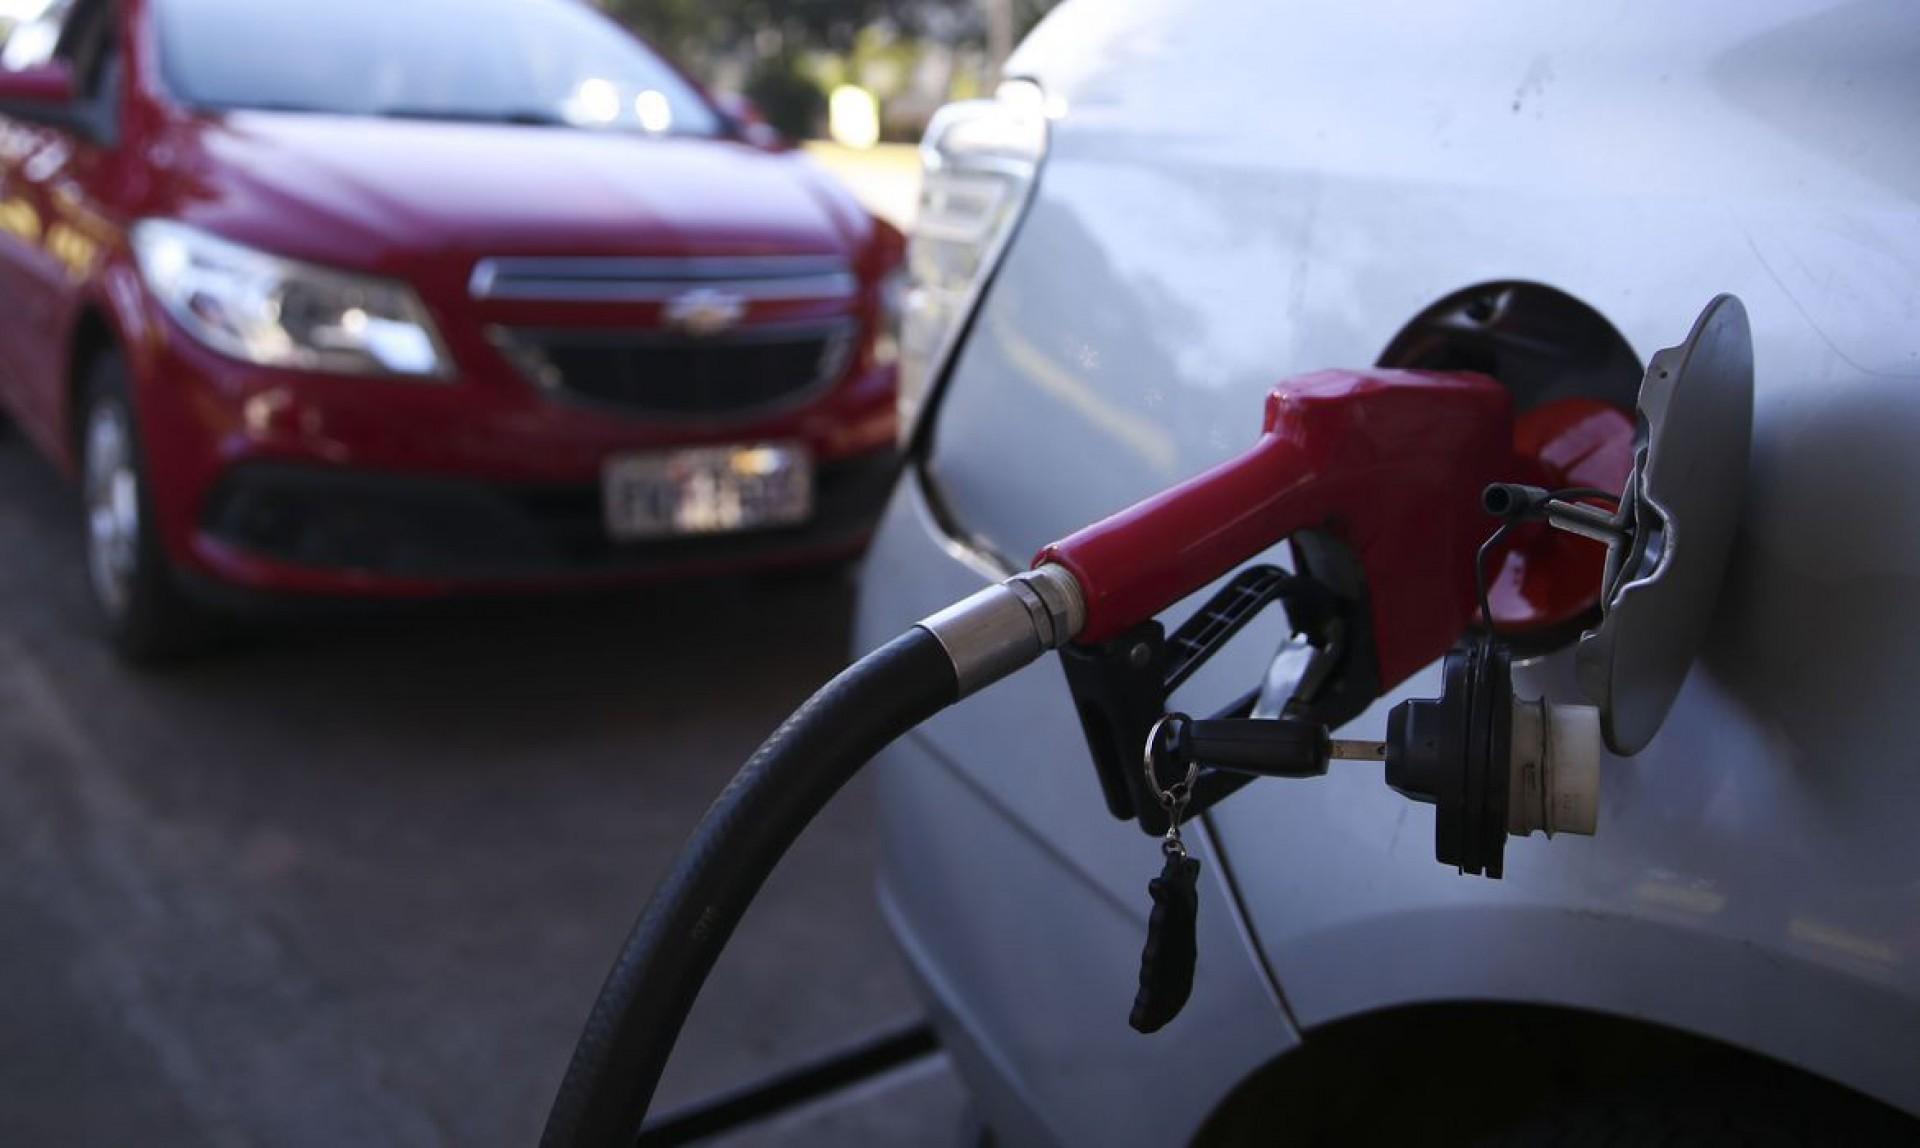 Em épocas de temperaturas mais baixas, acrescente de 25% a 30% de gasolina no tanque de álcool (Foto: José Cruz/Agência Brasil)